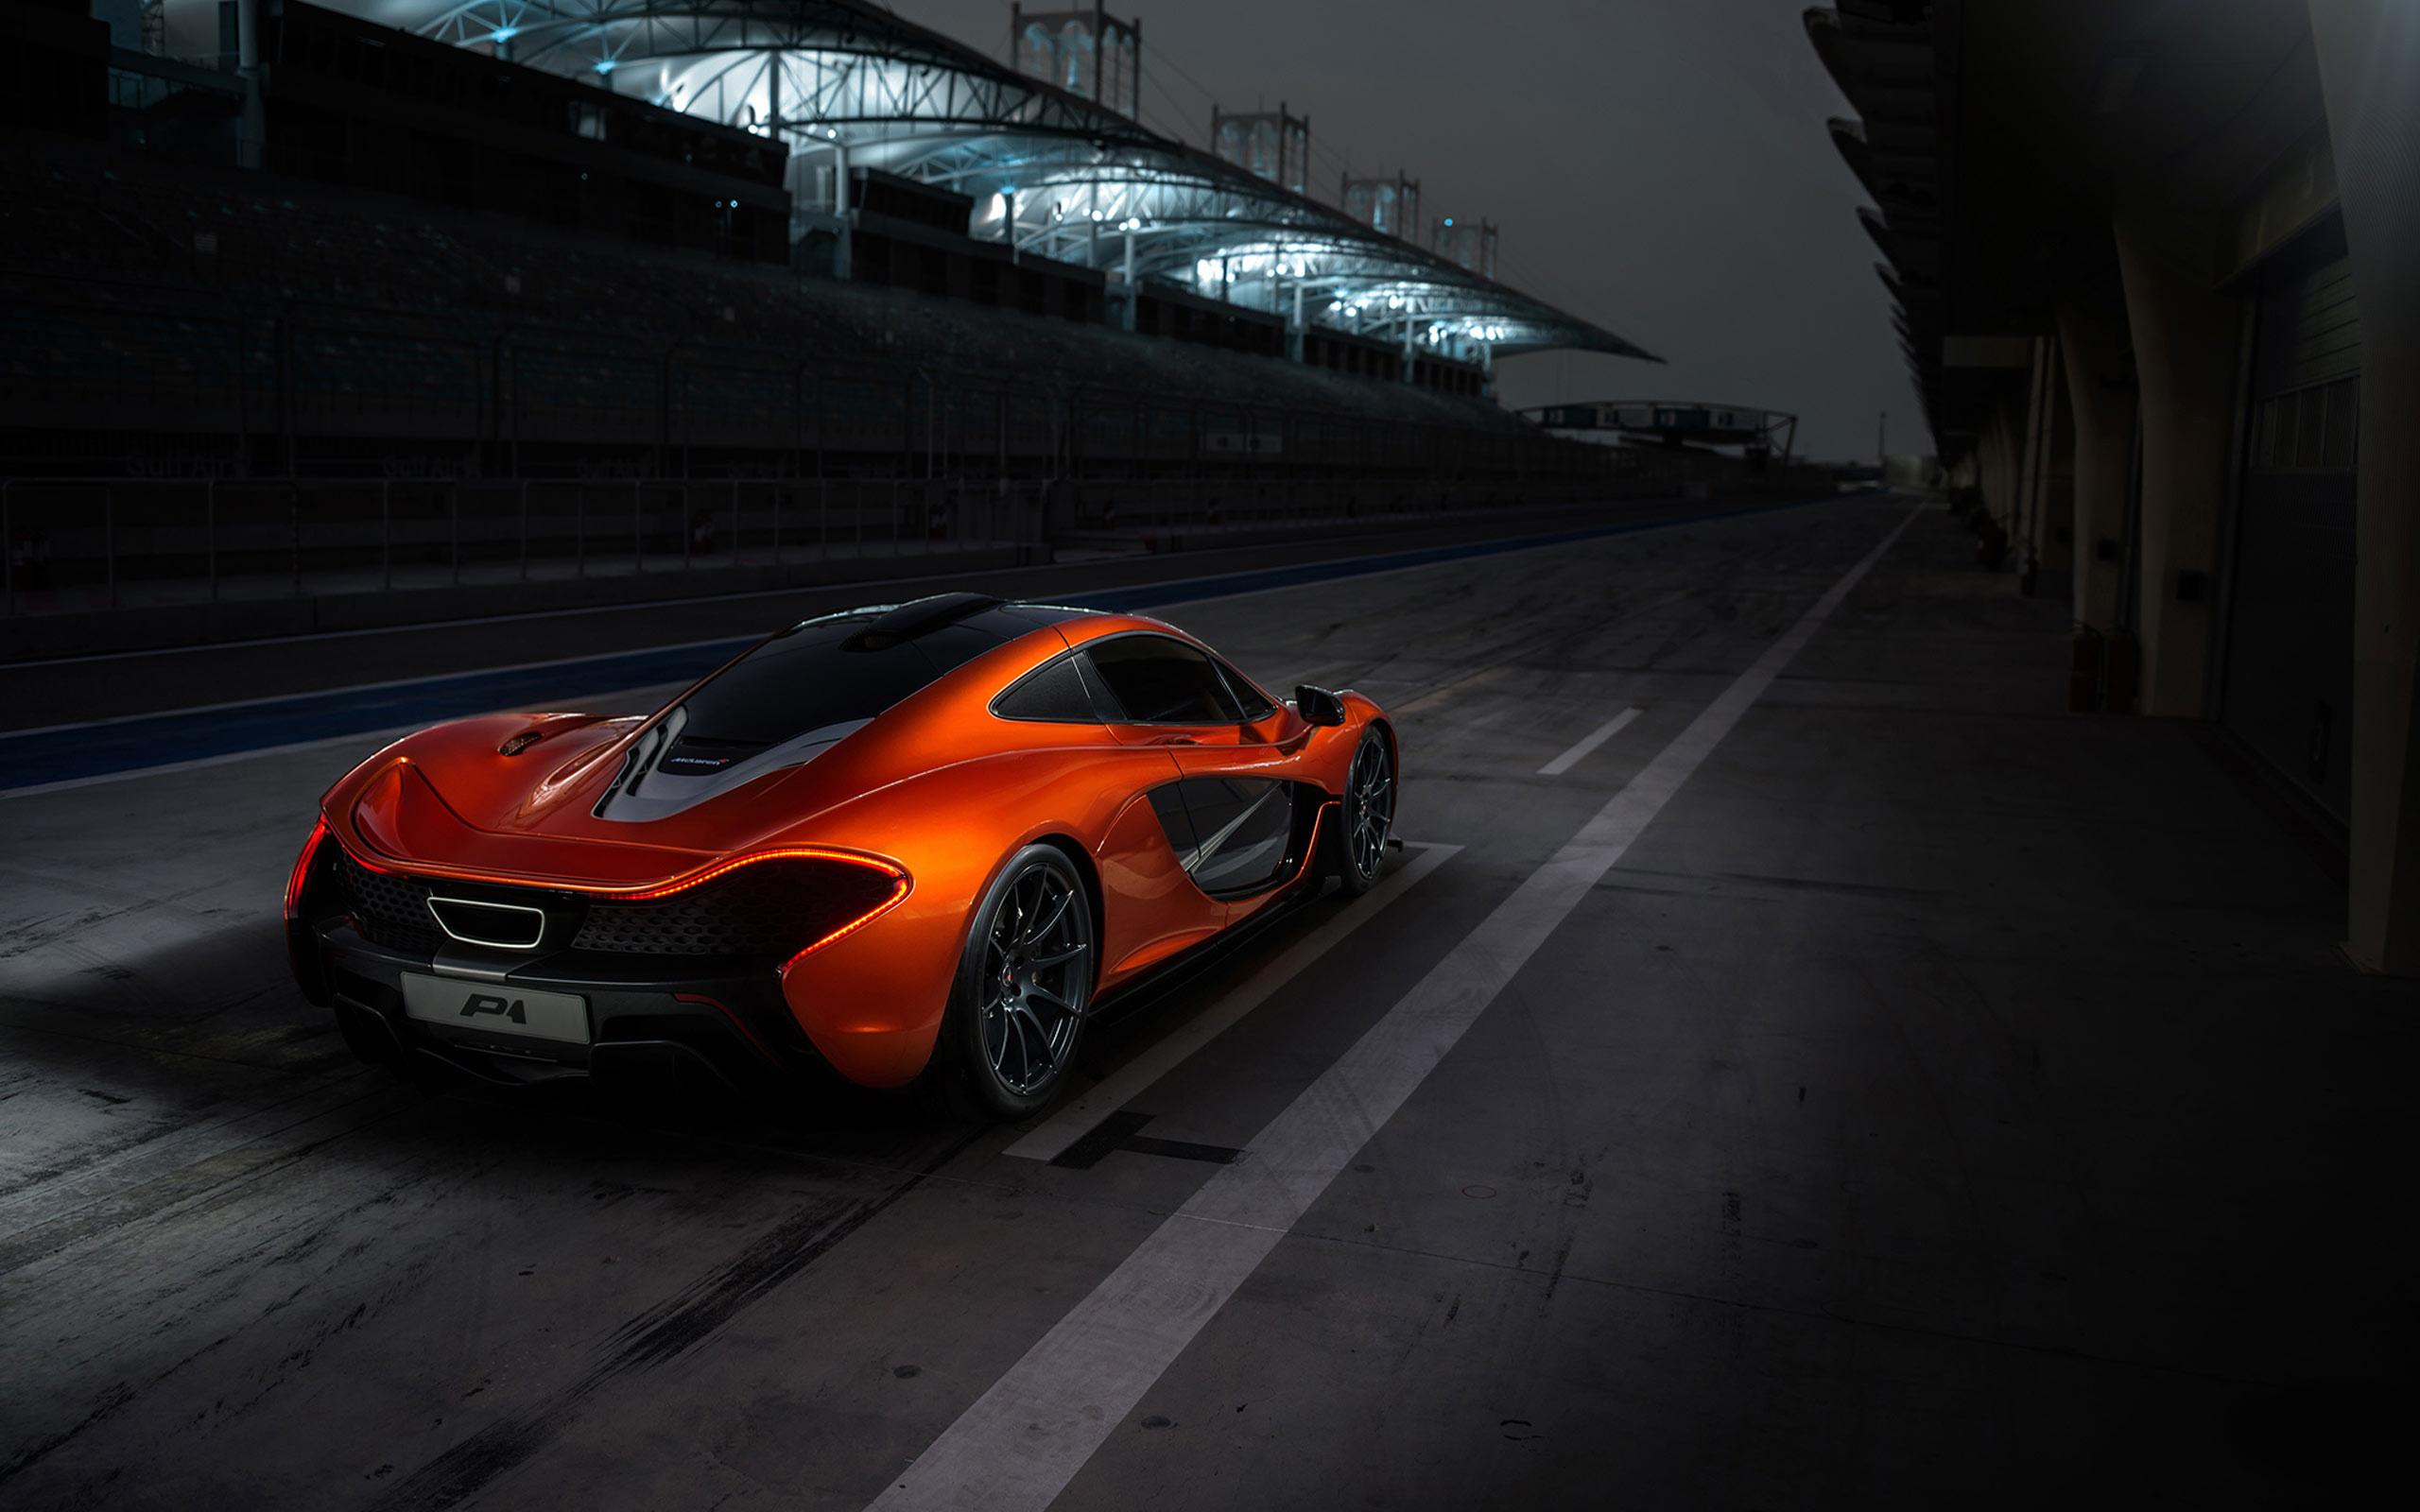 McLaren P1 2013 2 Wallpaper